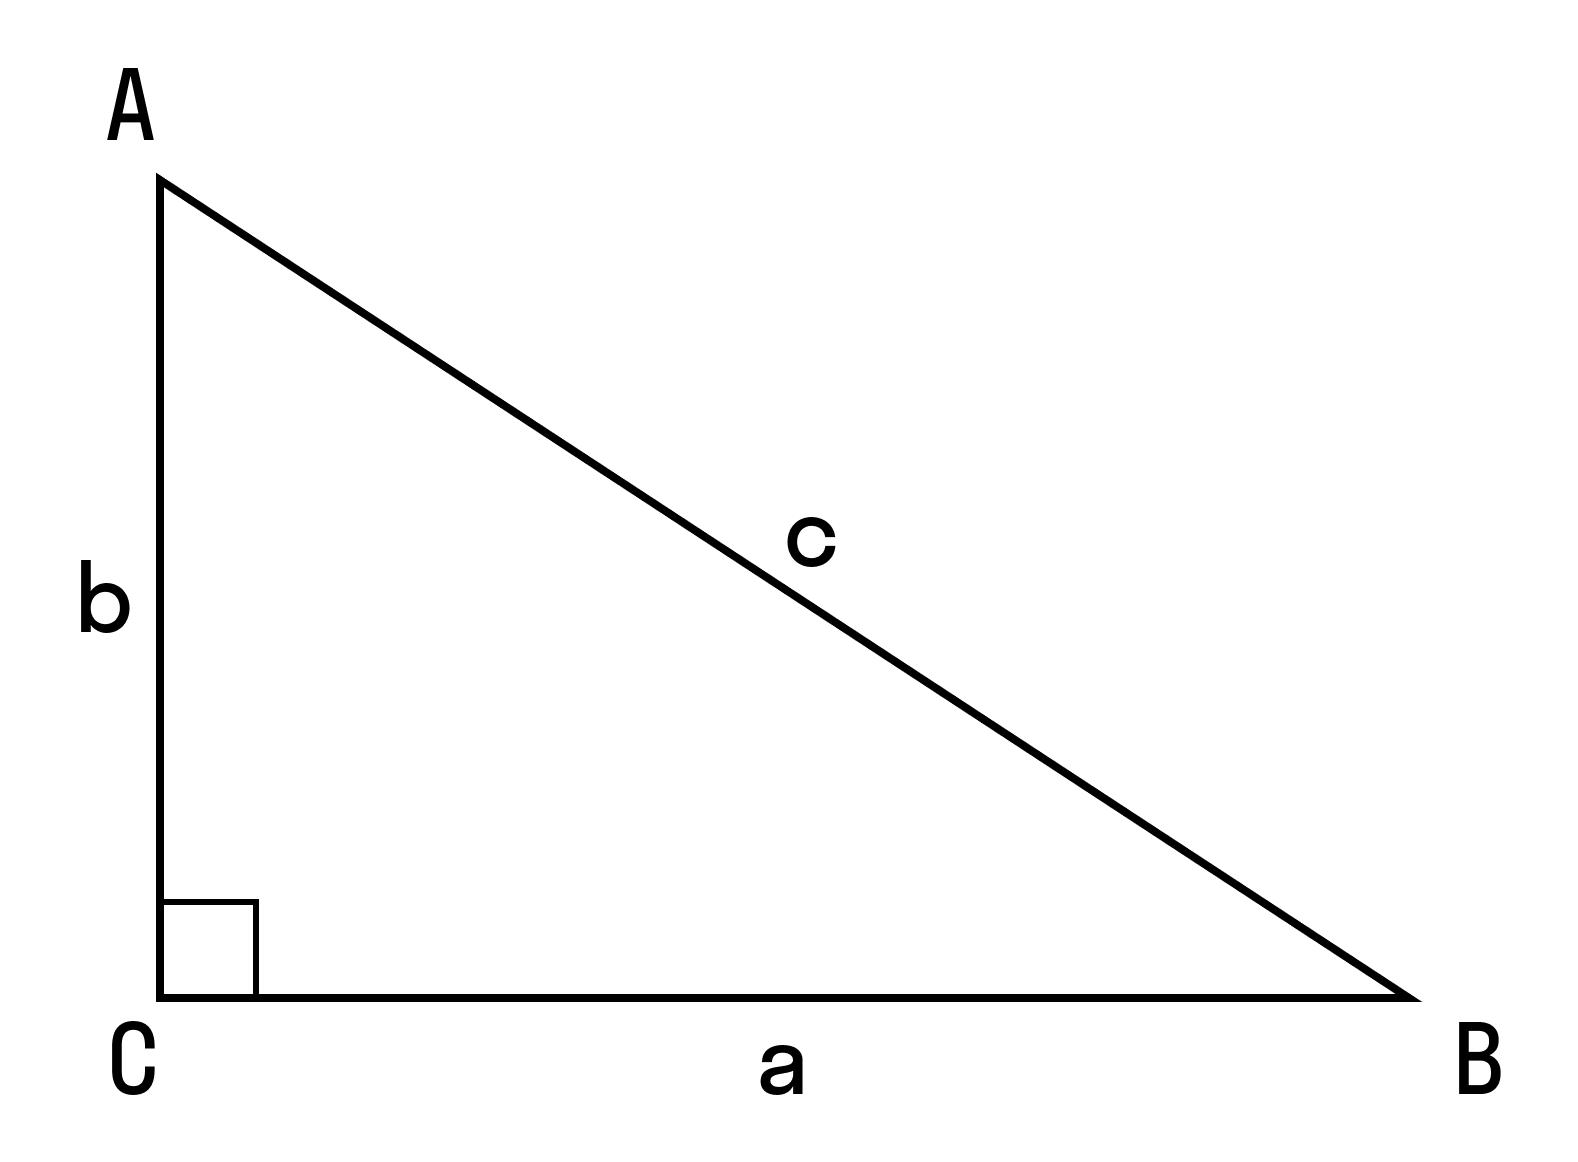 с помощью теоремы косинусов можно определить тупой угол или острый.